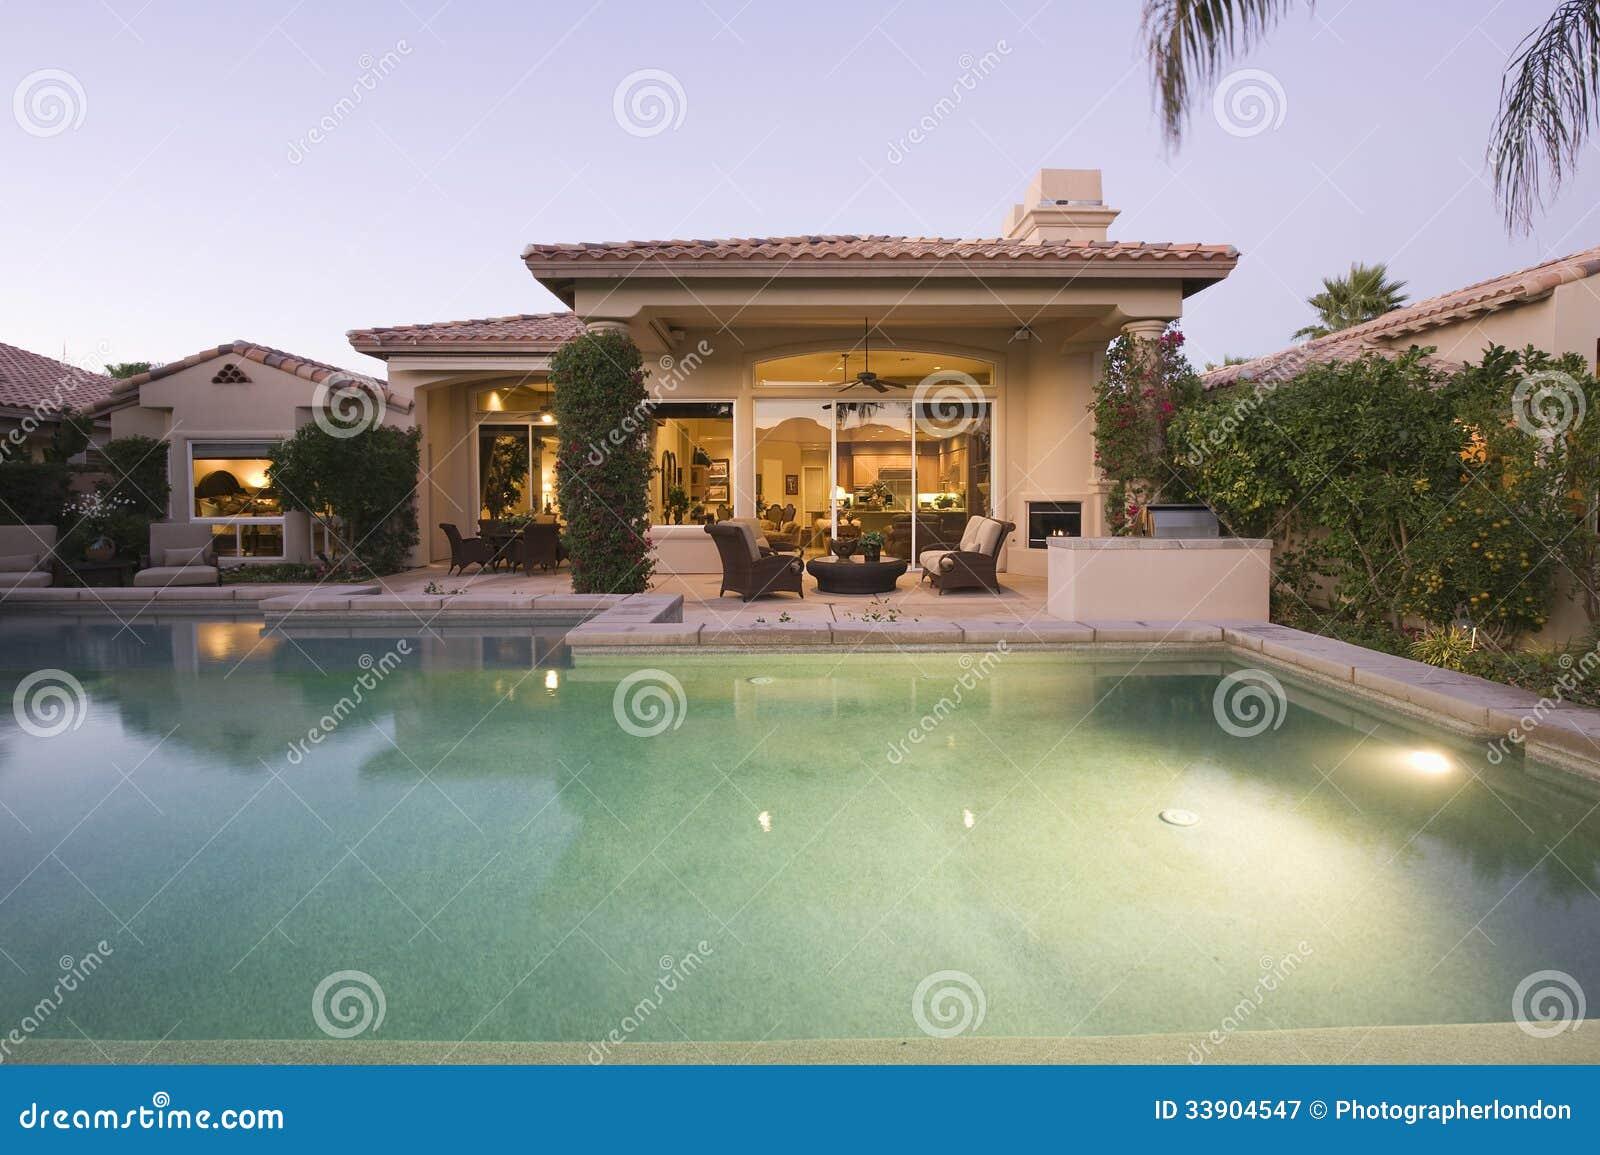 Pool Und Modernes Haus-Äußeres Stockbild - Bild von bereich, zustand ...